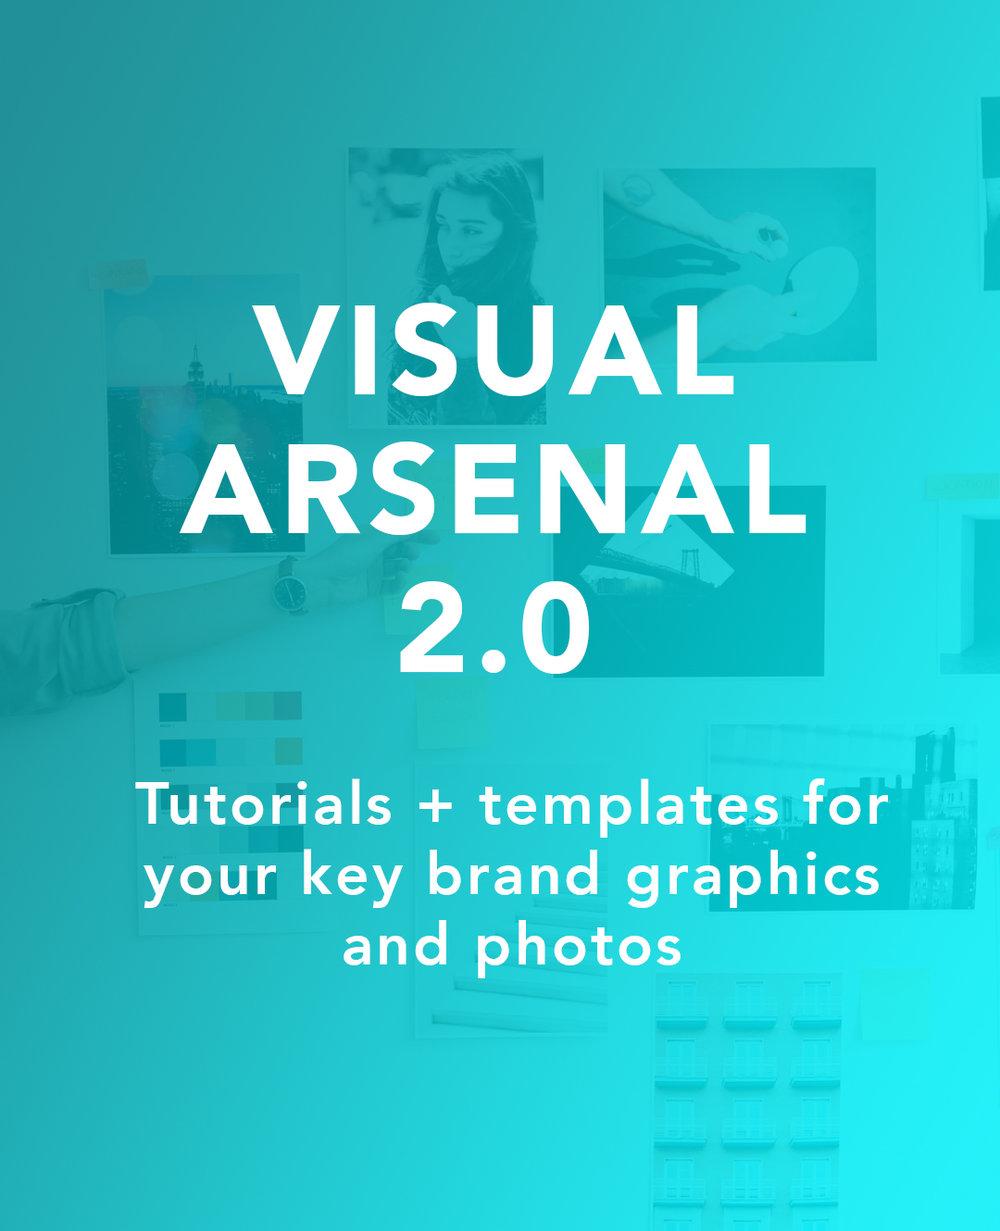 Visual-Arsenal-Thumbnail.jpg